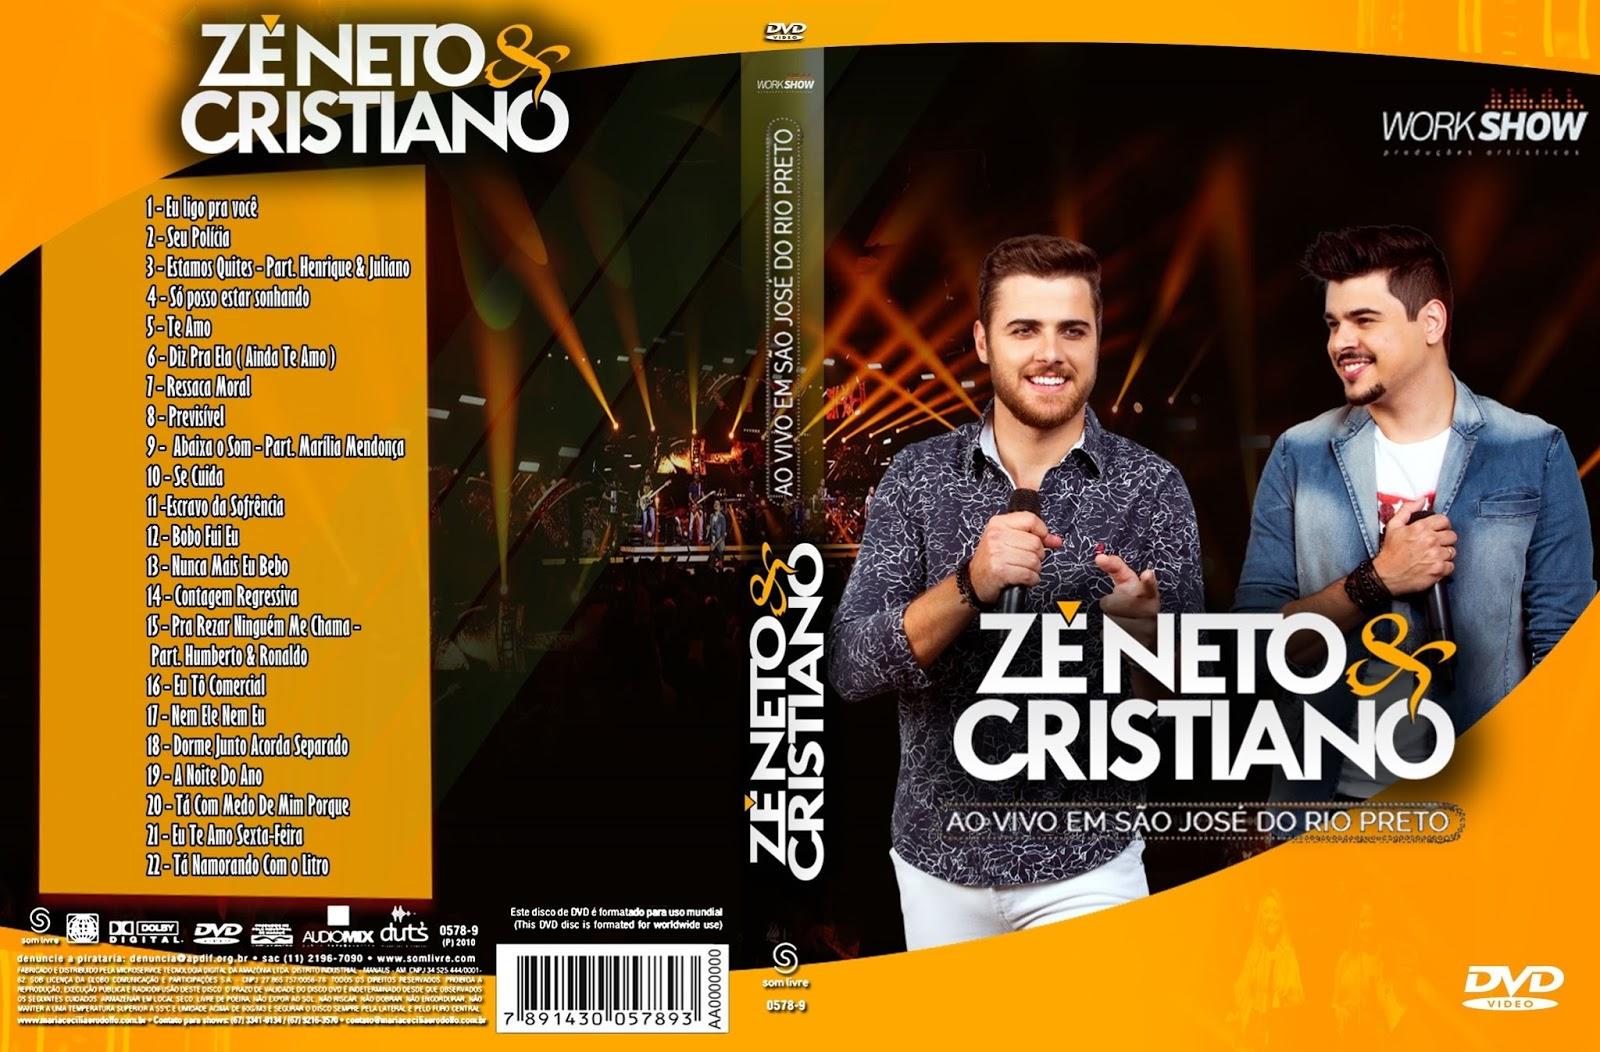 Zé Neto & Cristiano Em São Jose Rio Preto DVDRip XviD 2016 Ze 2Bneto 2Be 2BCristiano 2B  2Bao 2Bvivo 2Bem 2BS 25C3 25A3o 2BJos 25C3 25A9 2Bdo 2BRio 2BPreto